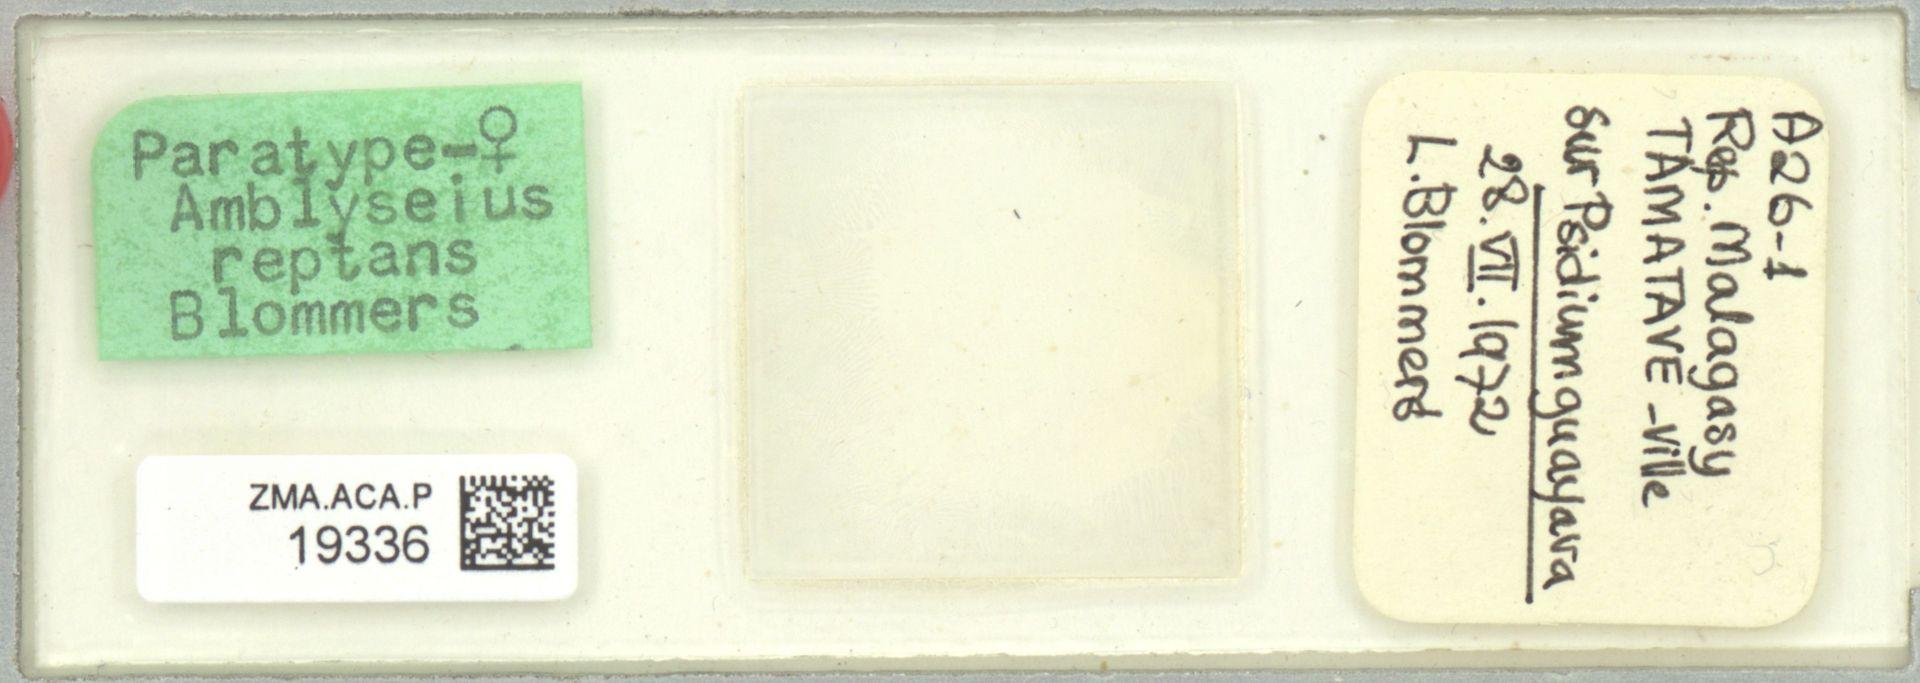 ZMA.ACA.P.19336 | Amblyseius reptans Blommers, 1974